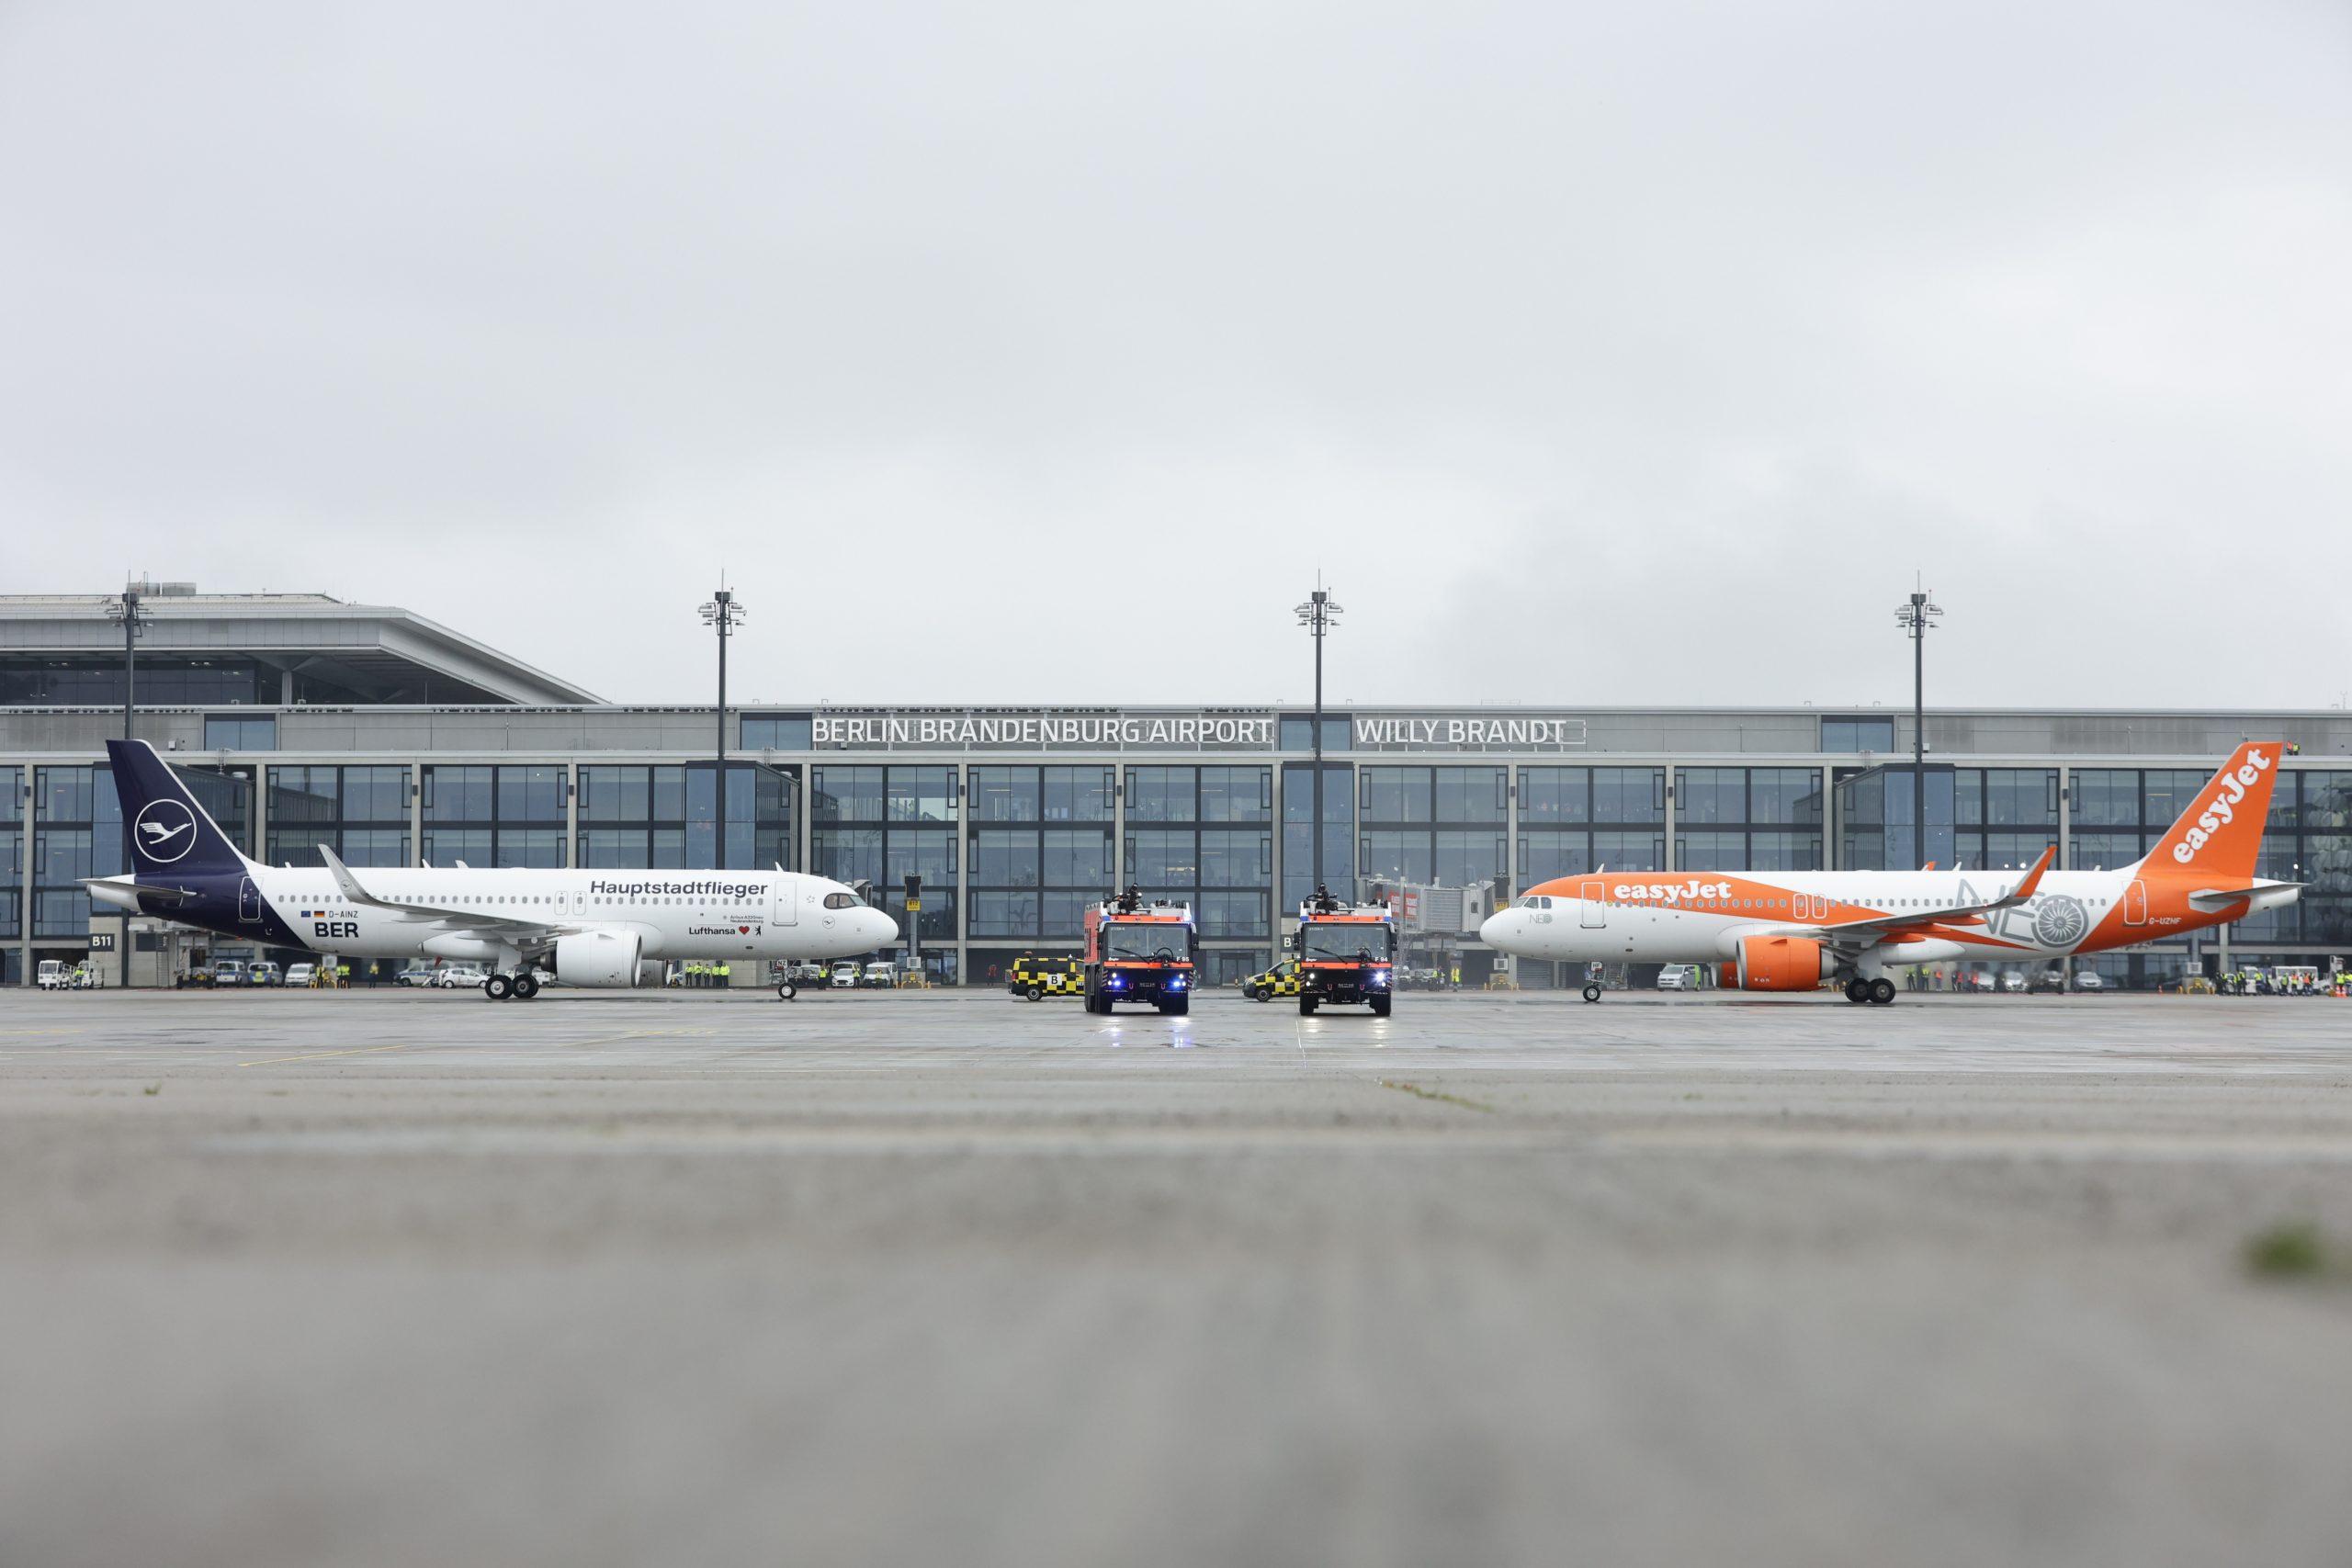 Fly fra Lufthansa og easyJet indviede åbningen af Berlin Brandenburg Airport. (Foto: Thomas Trutschel/Photothek)